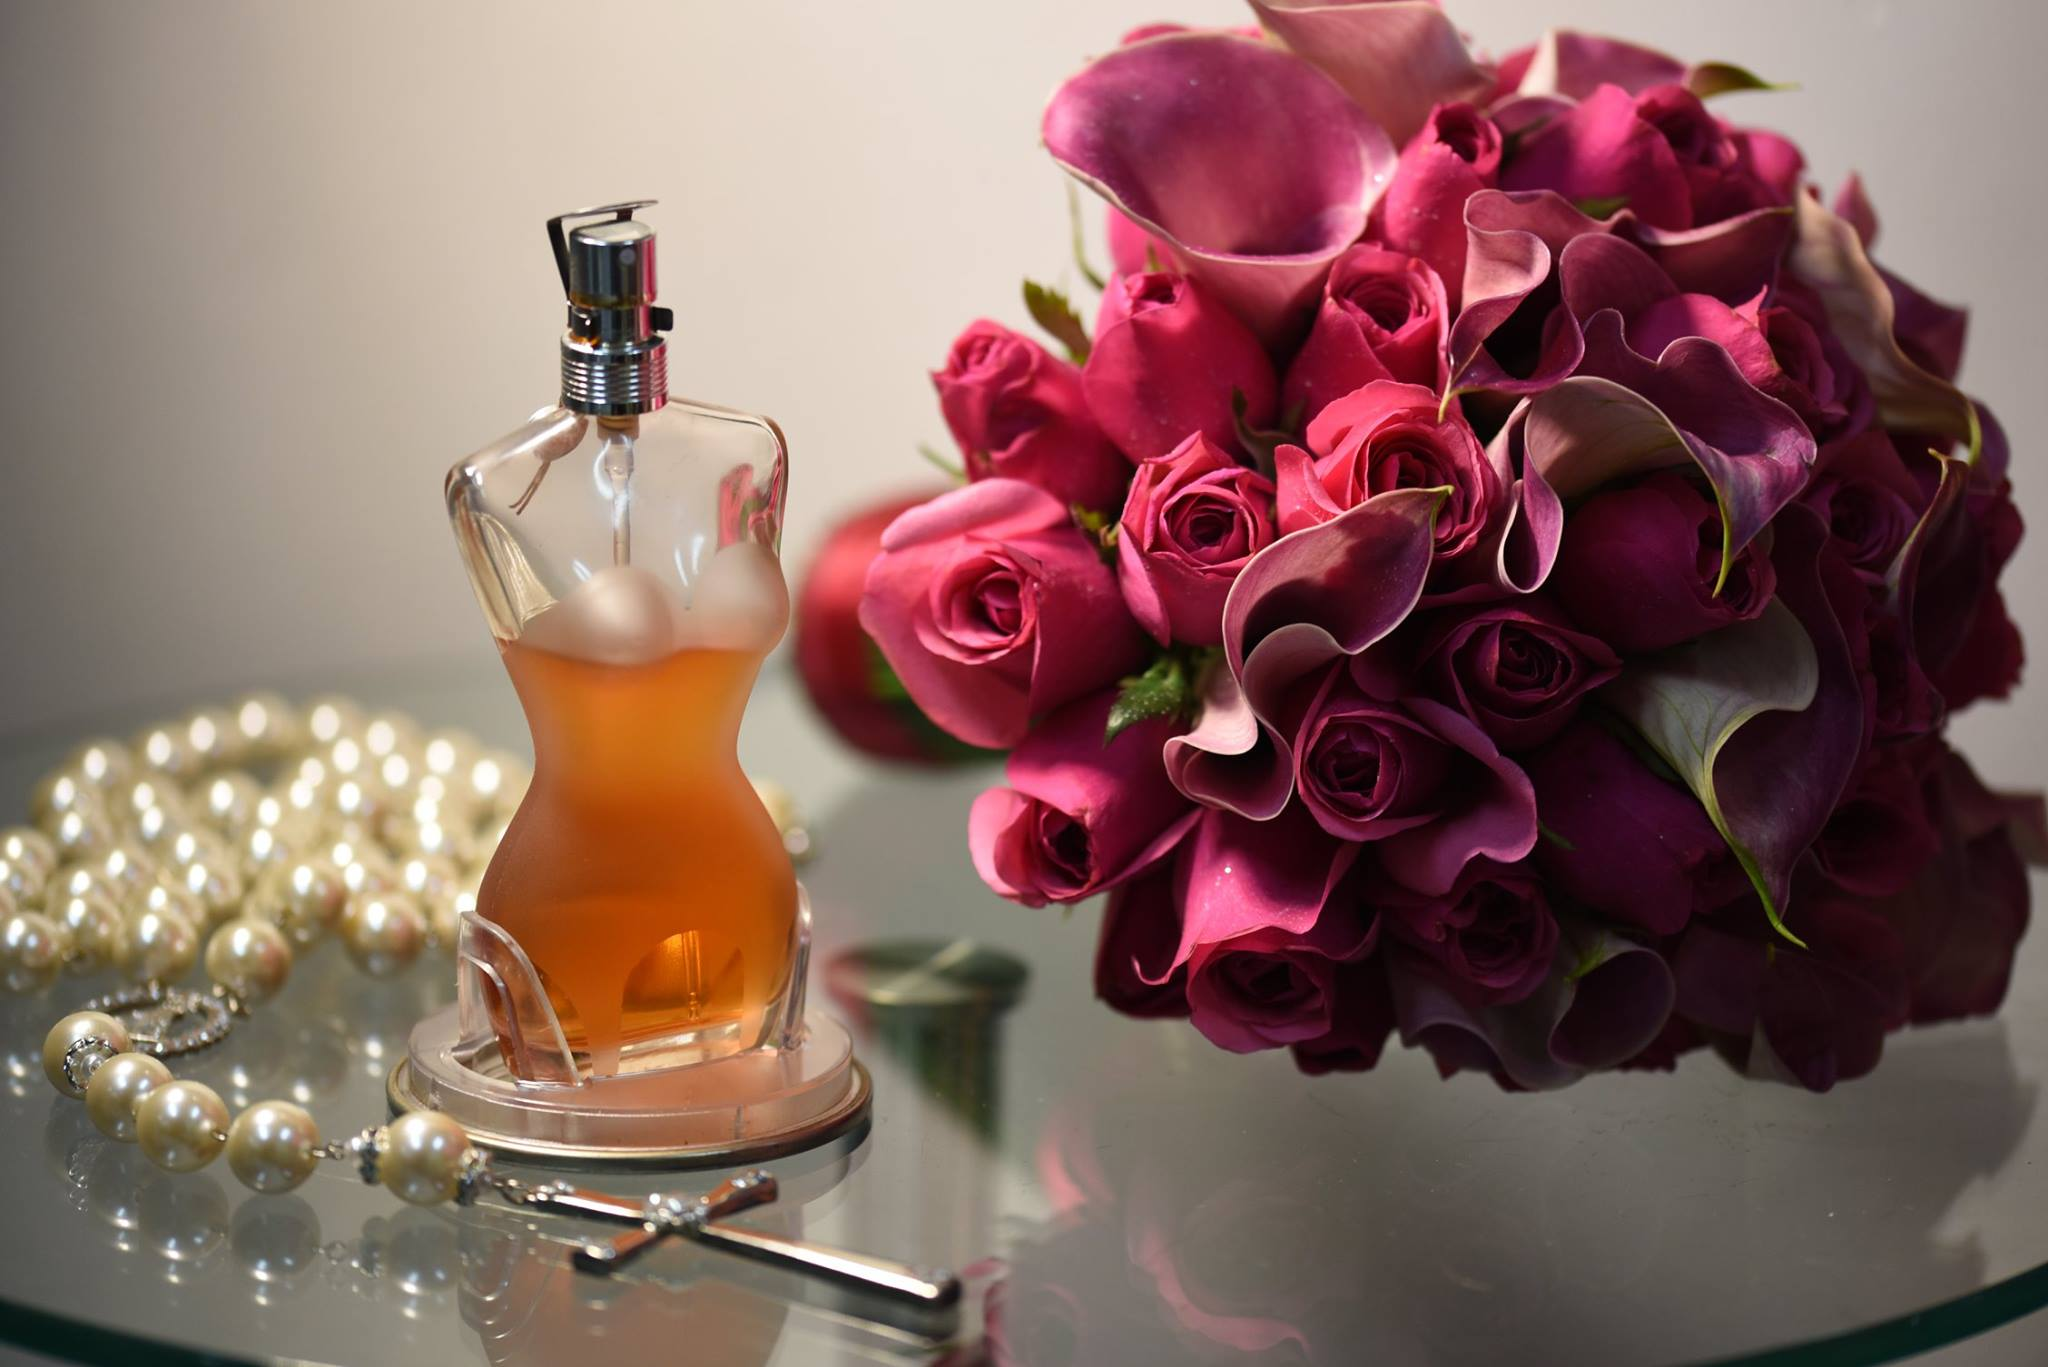 Contate LA Produções Arte Floral, Buquê de Noivas e Decorações, BH